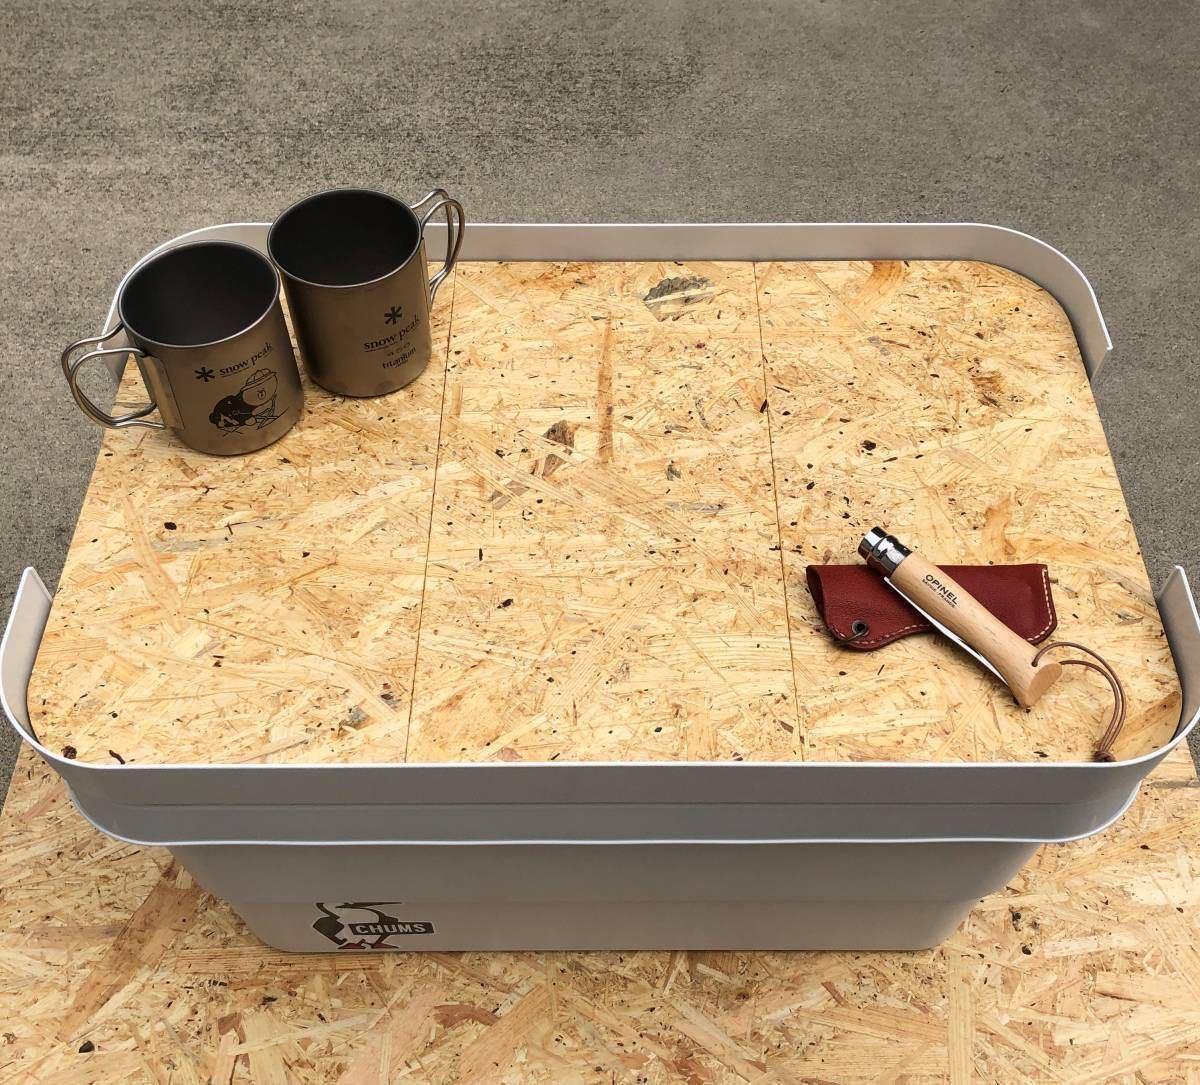 ★無印良品 頑丈収納ボックス 【 大 】 天板 3枚組 オリジナル作製テーブル 焚き火 ソロキャン お庭キャンプ BBQ